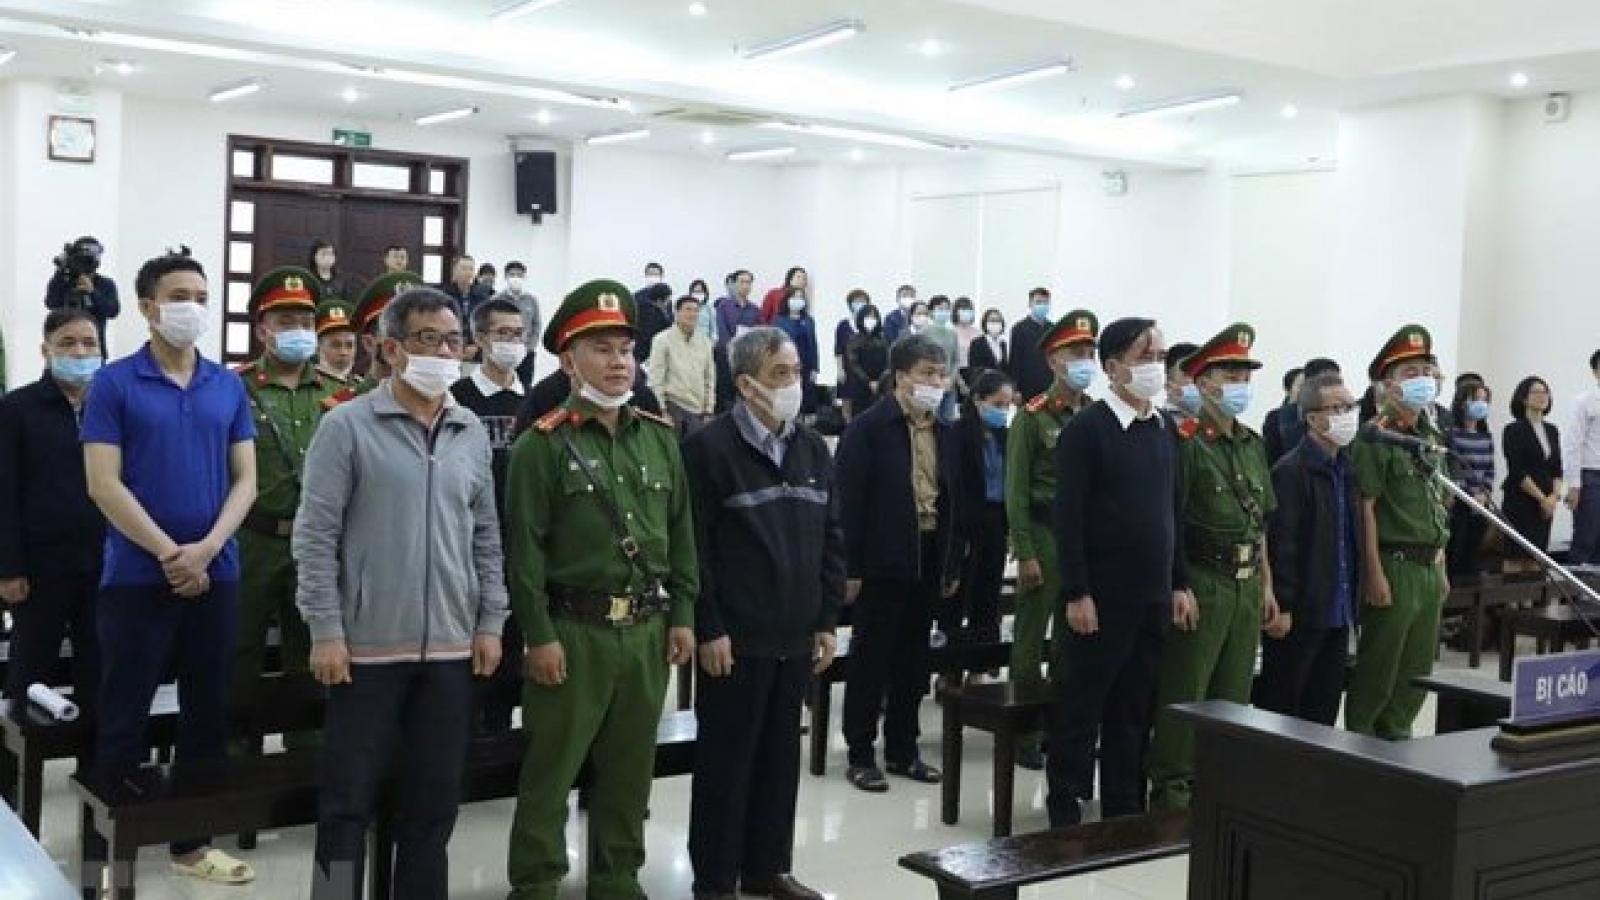 Trial for BIDV case opens in Hanoi